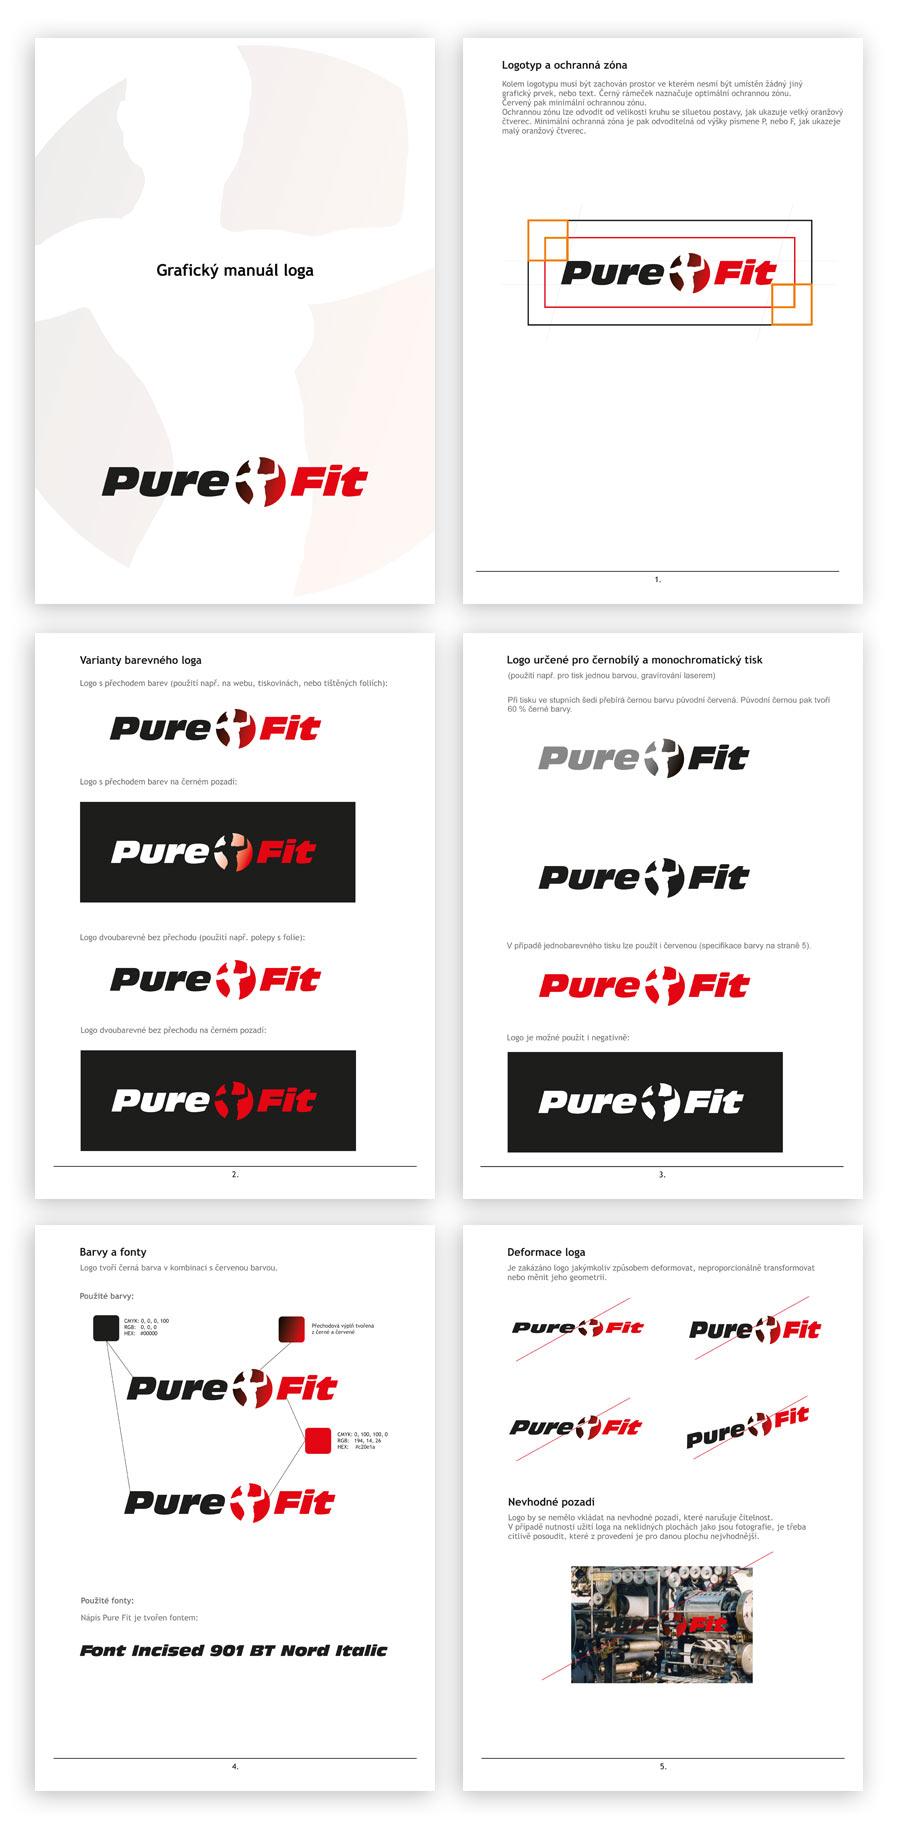 Purefit logomanual